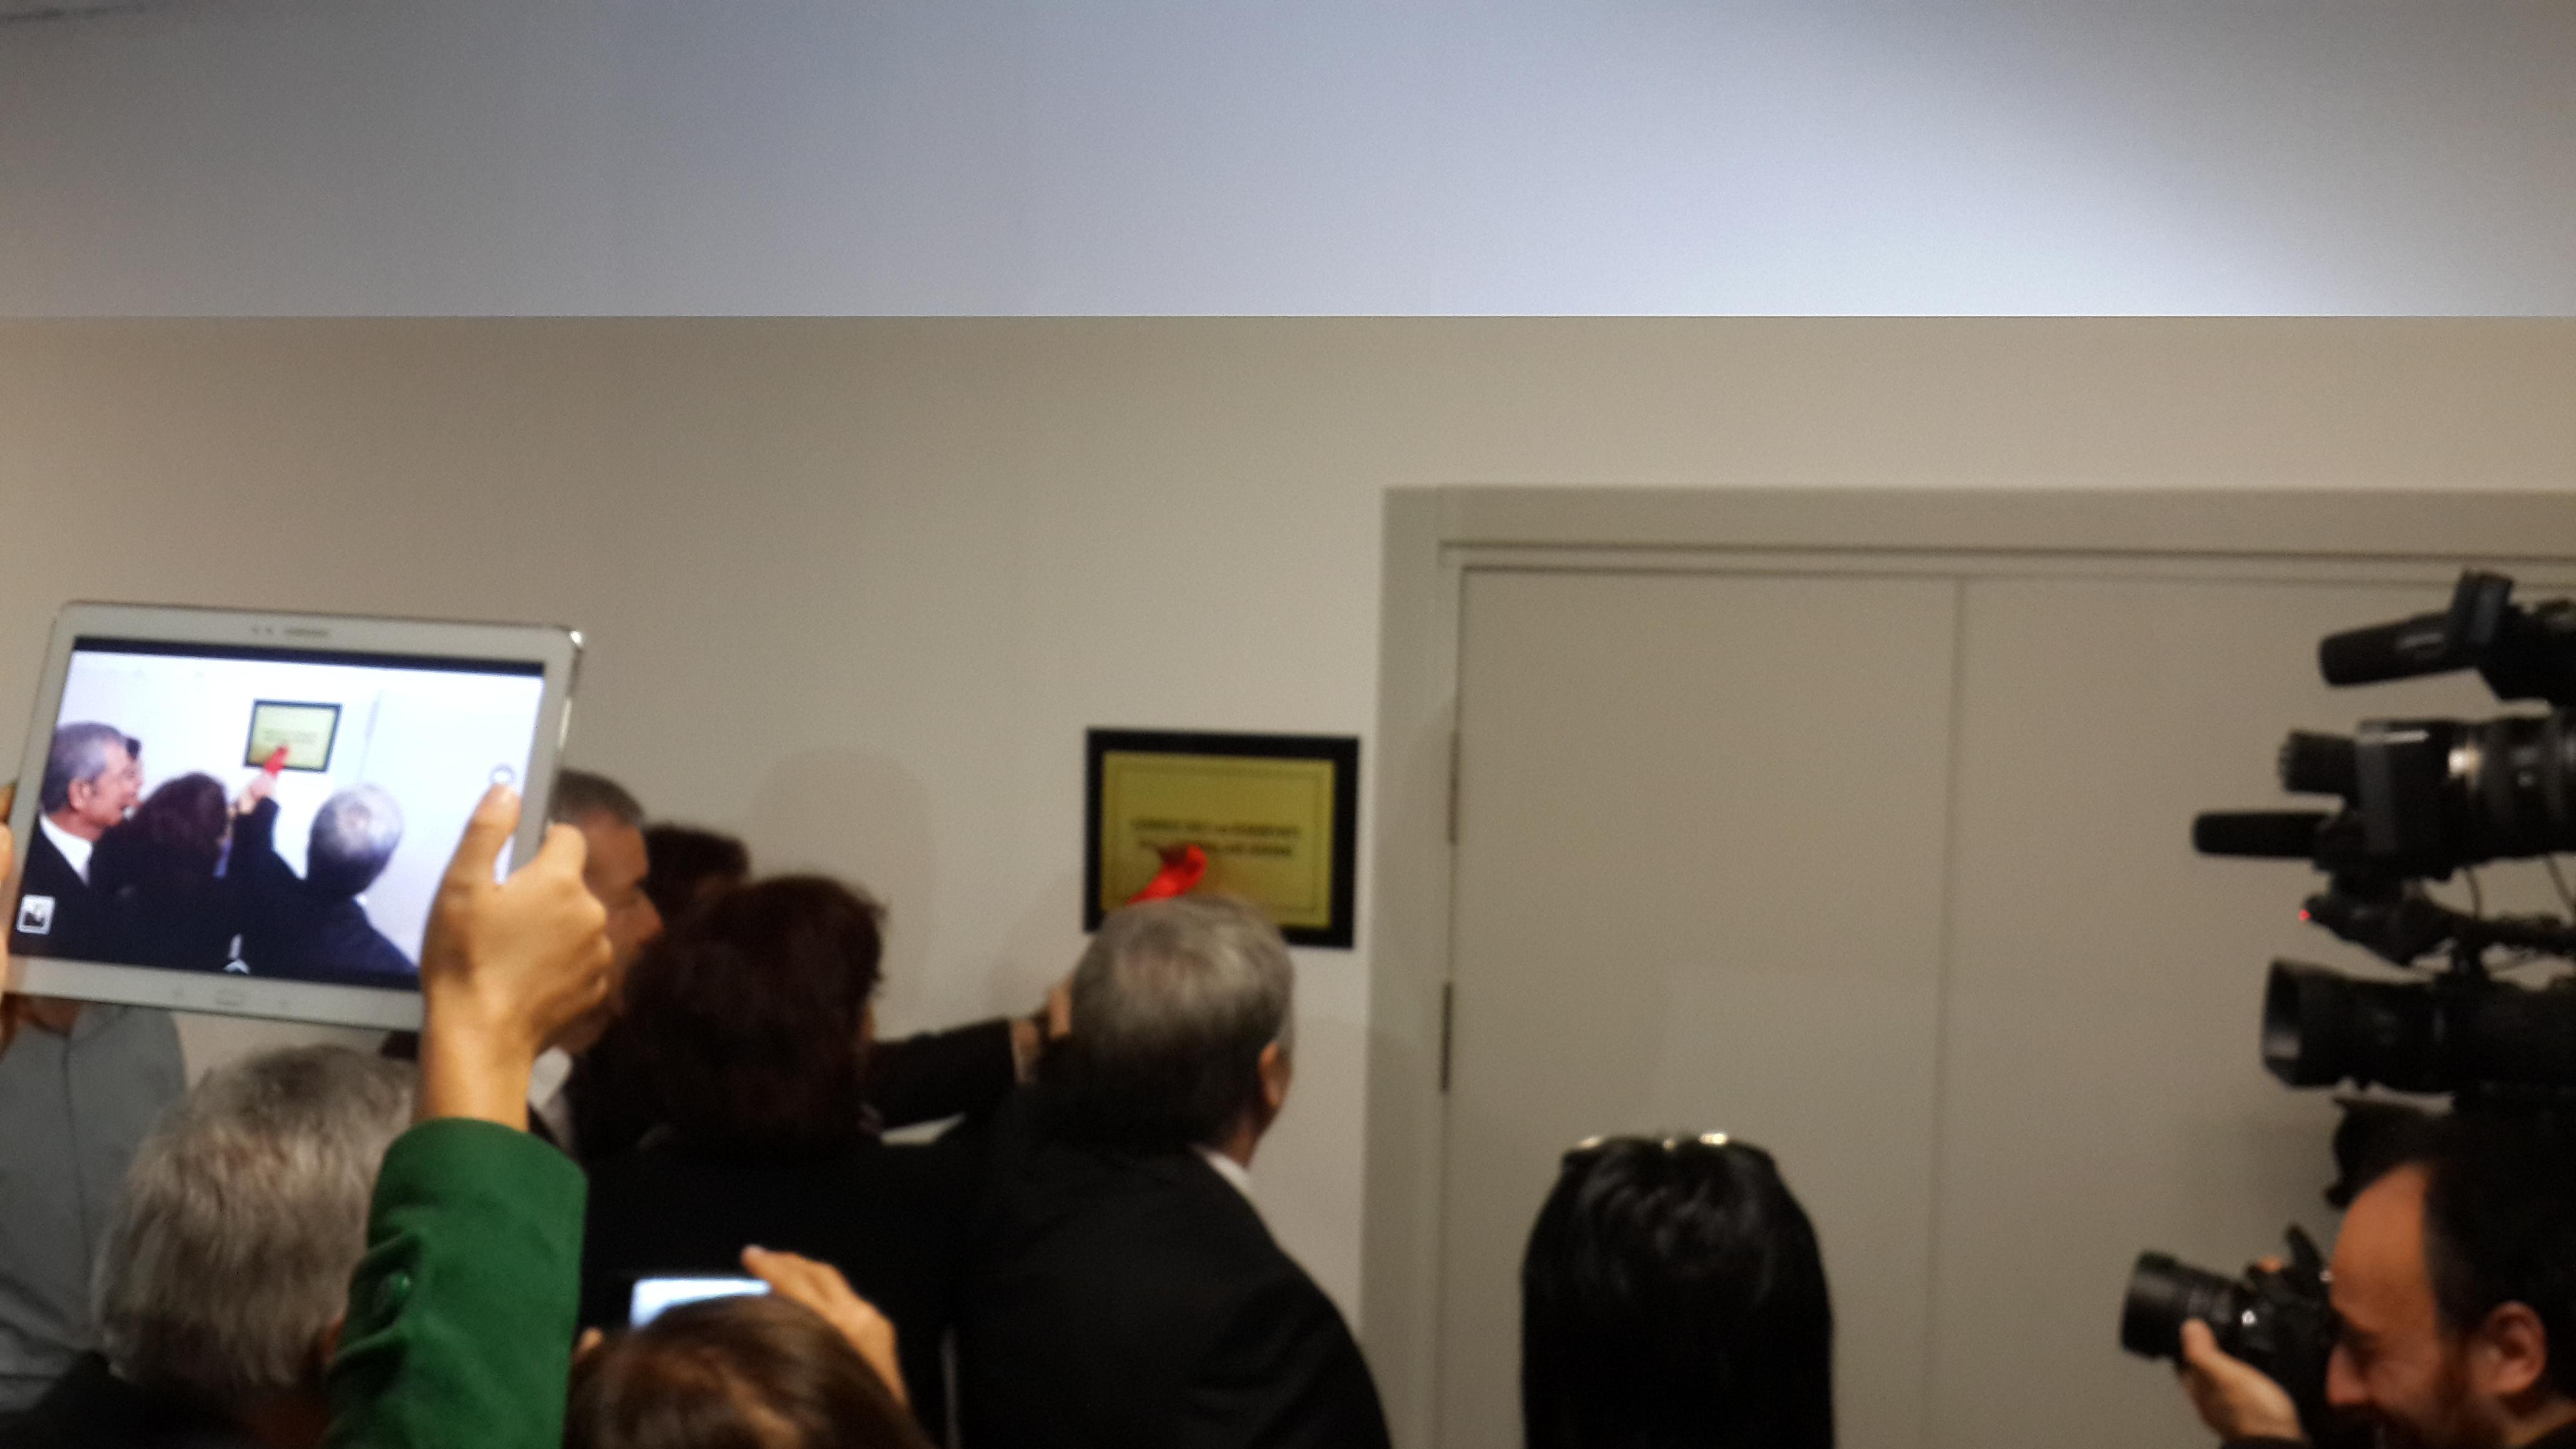 Adige Devlet Üniversitesi Rektörü Düzce Üniversitesini Ziyaret Etti